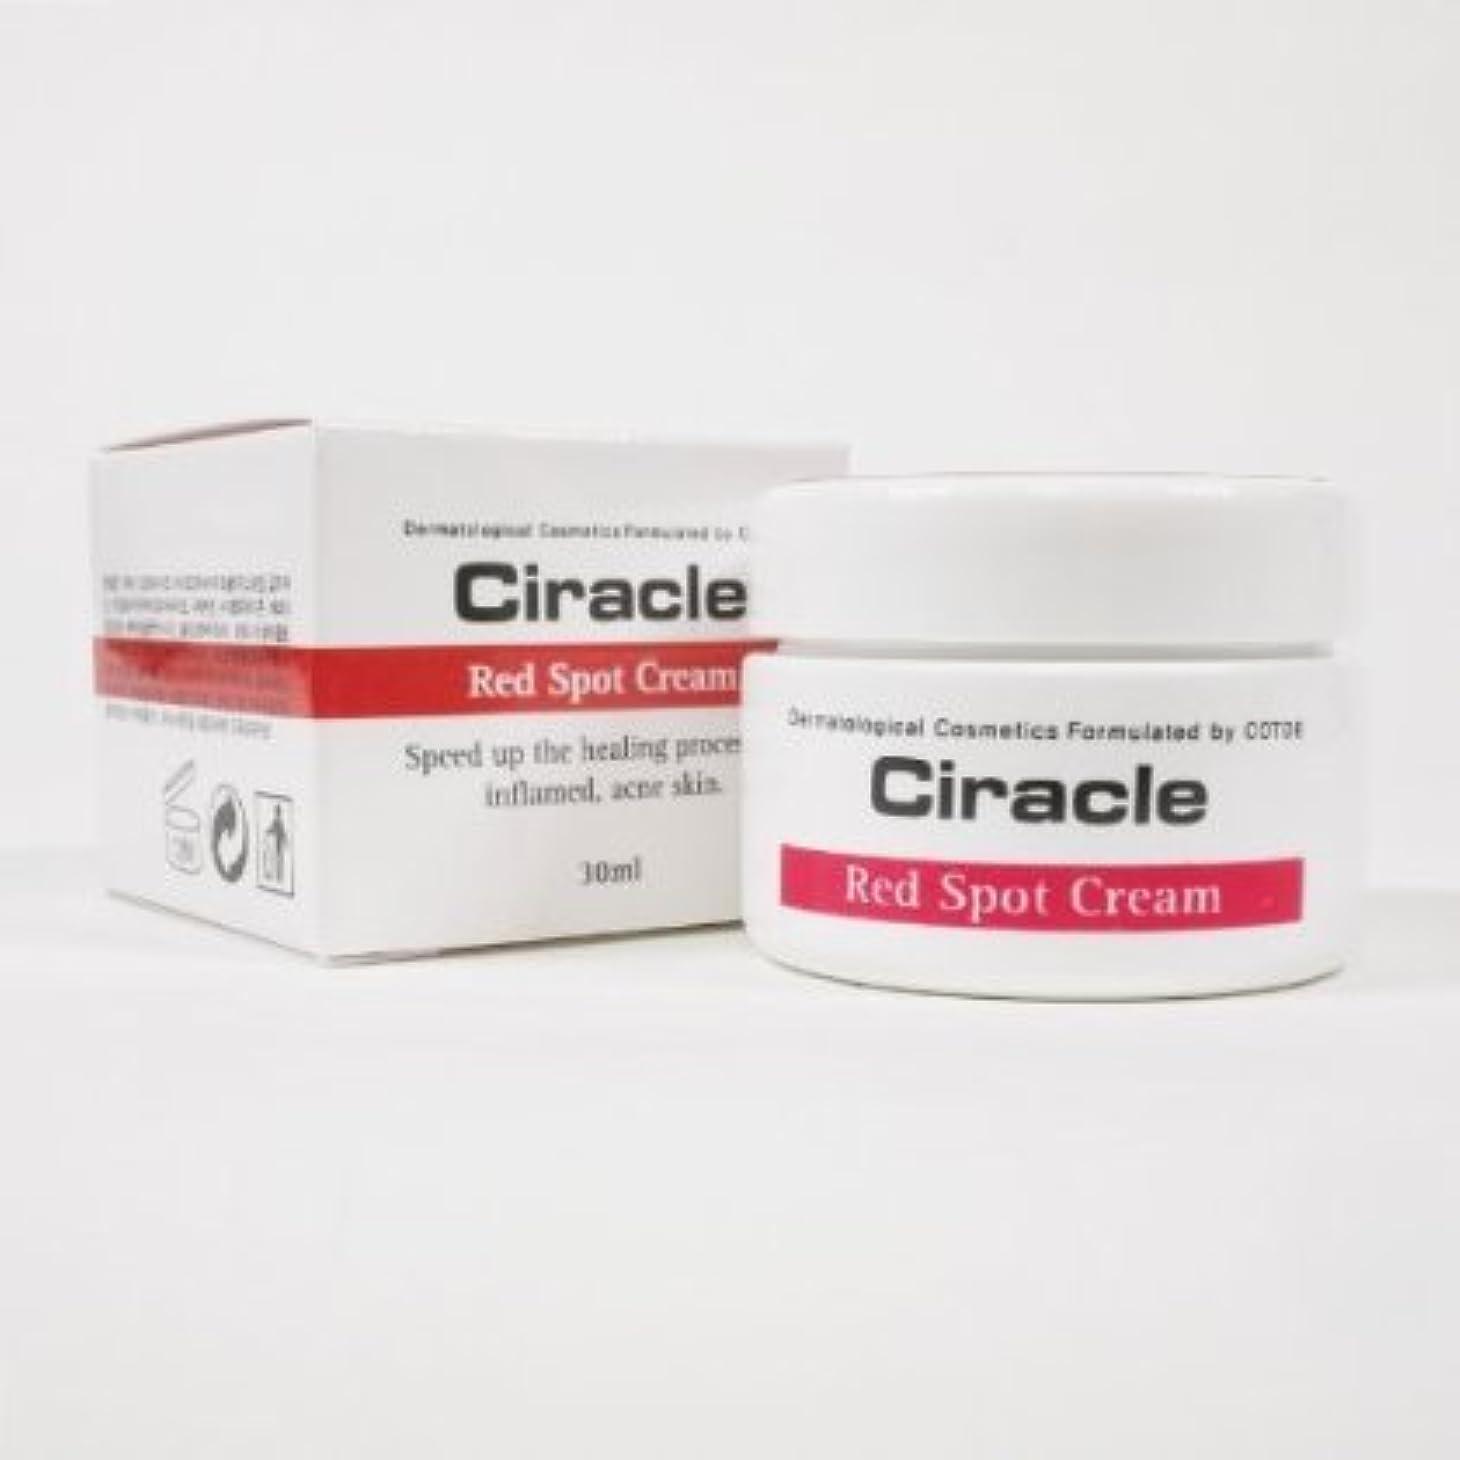 決定する危険迷信Ciracle レッド スポット クリーム /Red Spot Cream (30ml )